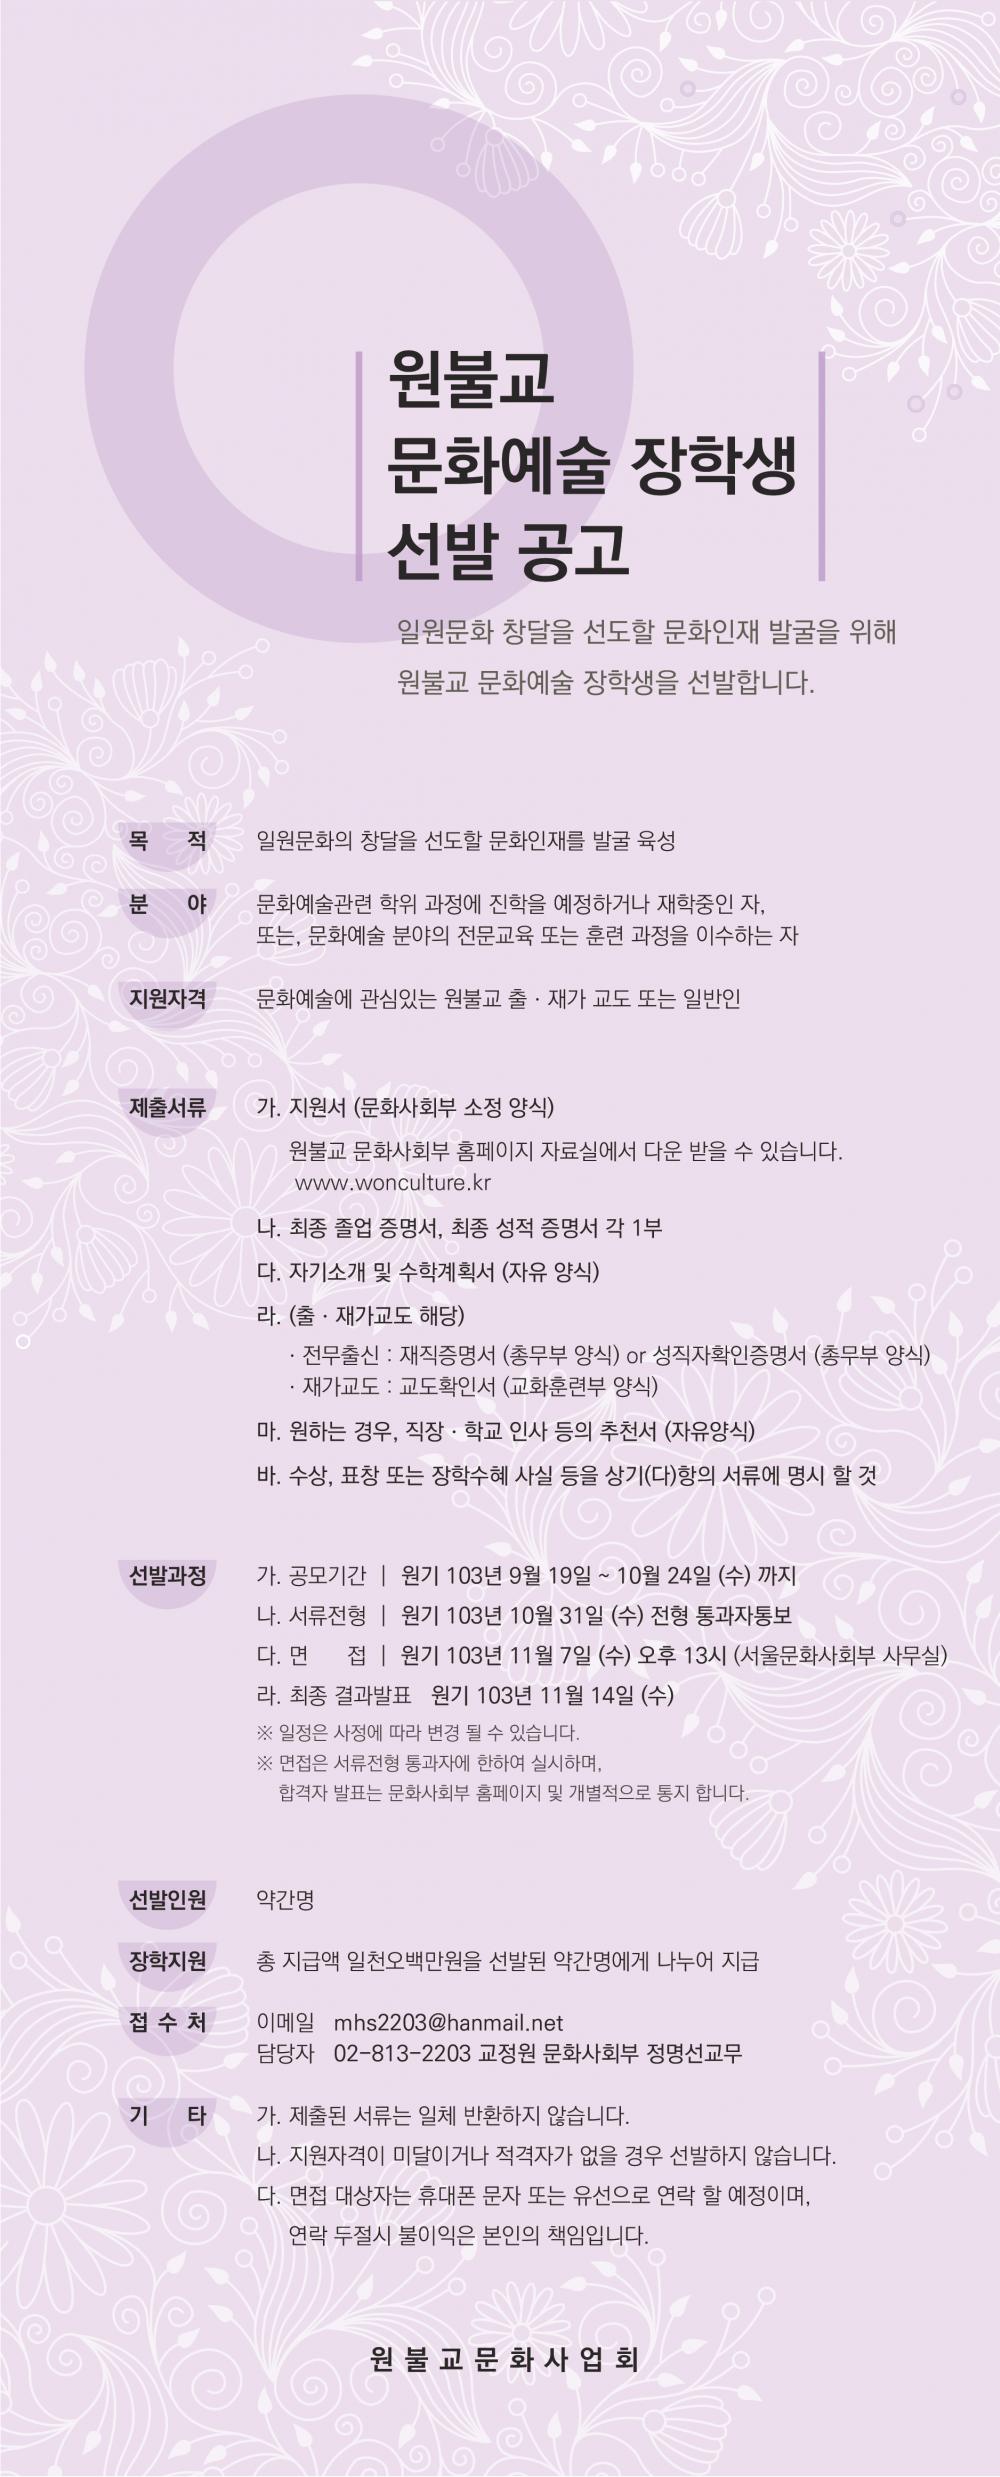 최종디자인_문화예술장학생선발공고_웹페이지.png